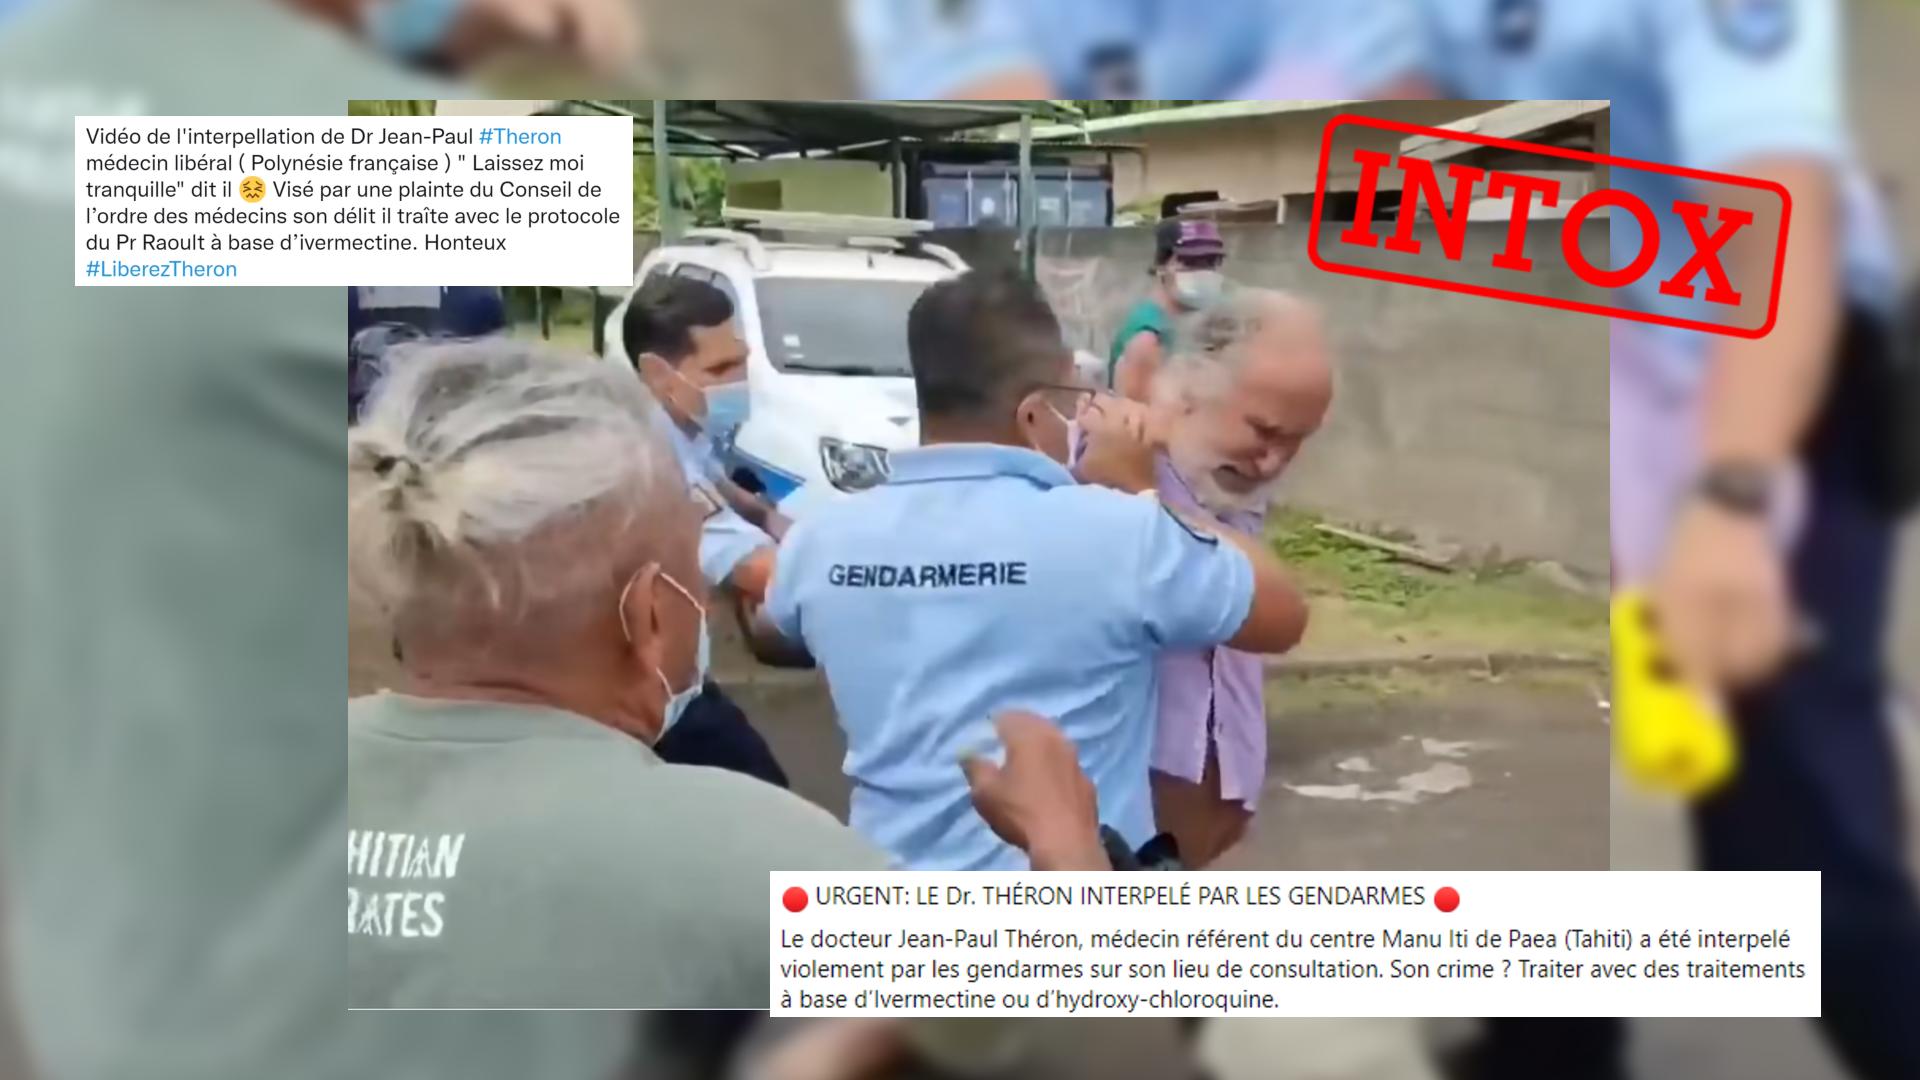 Capture d'écran de la vidéo de l'arrestation du docteur Jean-Paul Théron, en Polynésie française.